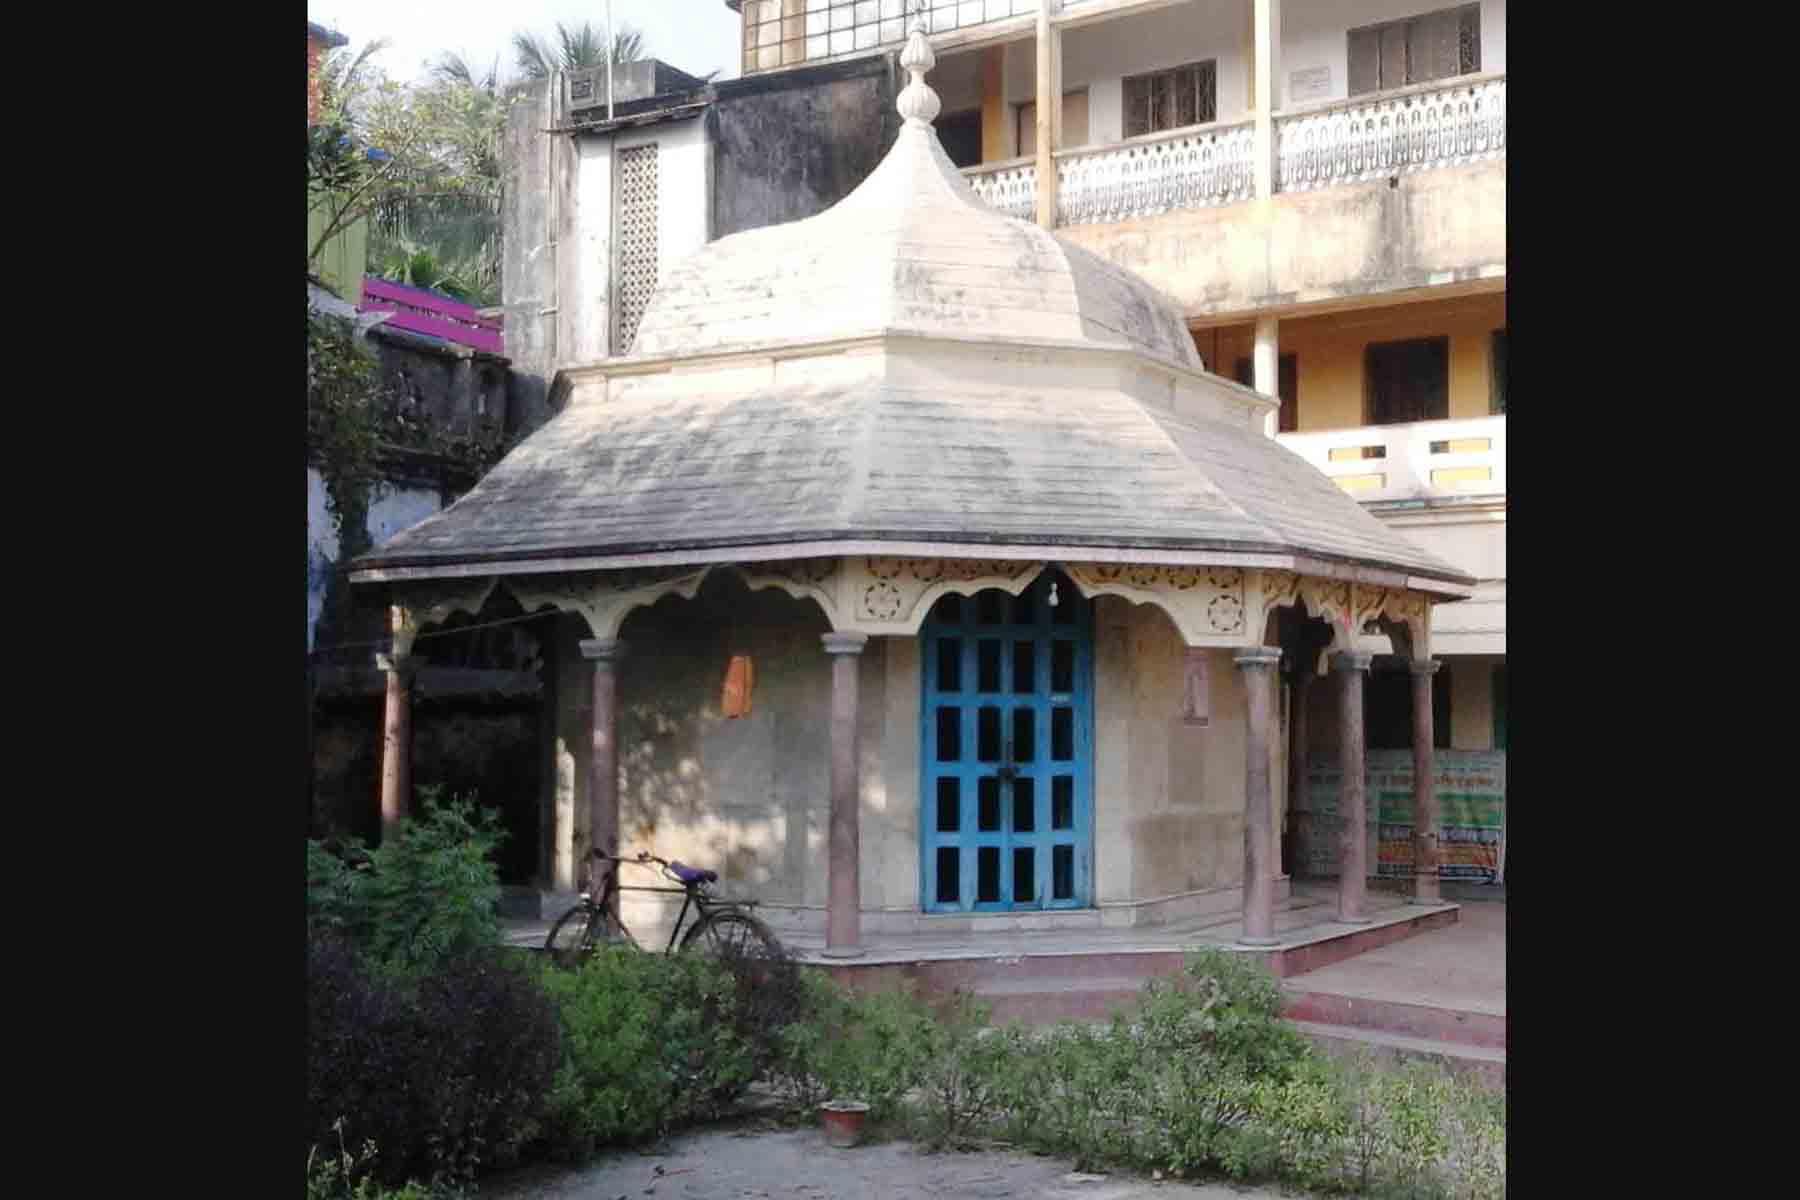 আজও ইতিহাসের স্বাক্ষ্য দেয় কপিলমুনির ঐতিহ্যবাহী বেদ মন্দির